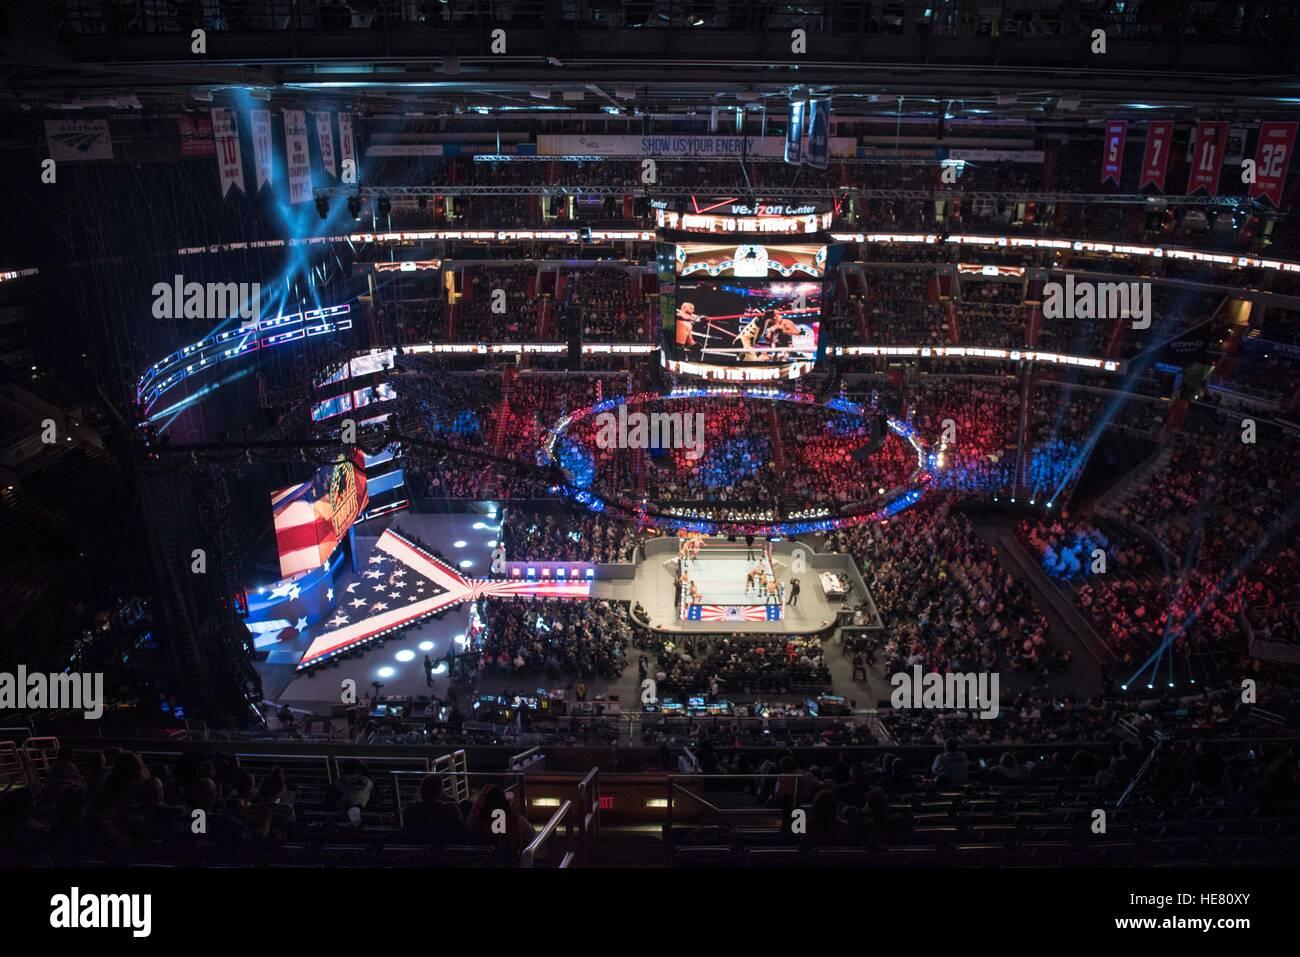 Vista aérea del estadio Verizon Center configurado con un centro corte ring para el 14 tributo anual a las Imagen De Stock